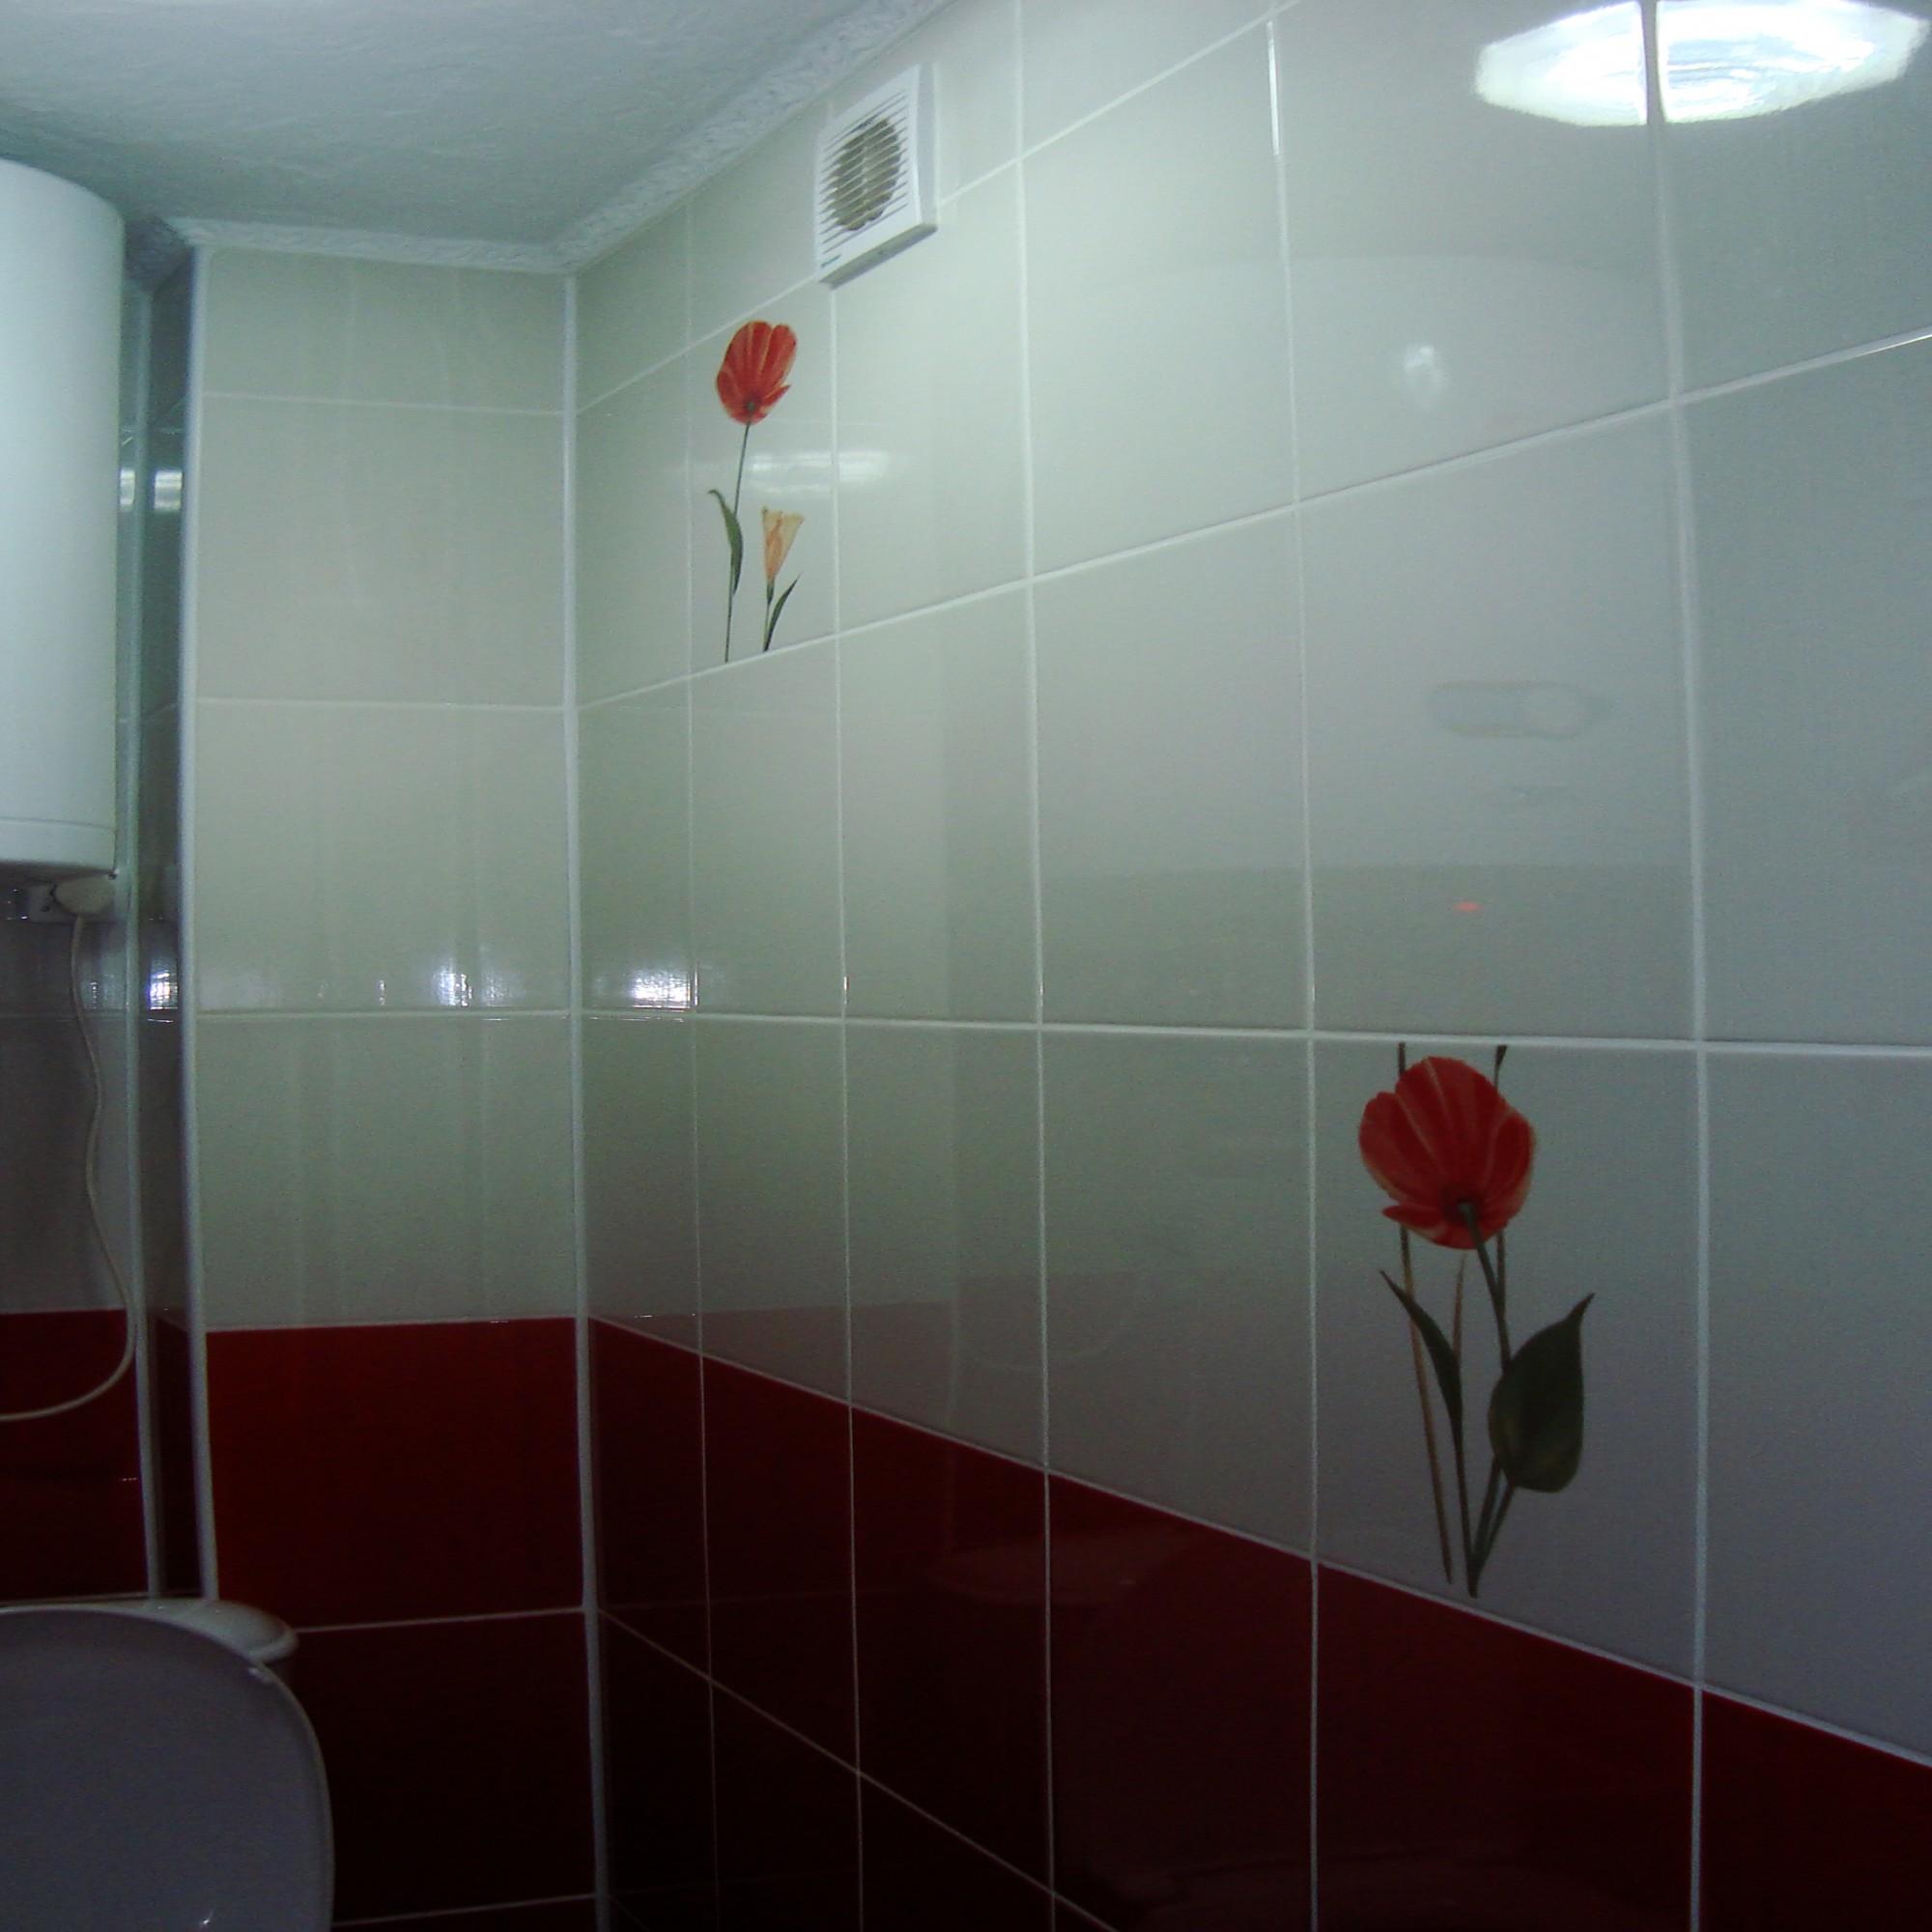 Плитка в туалете » Туалетная комната с ...: uhouse.ru/foto/3/15/2970/16649-plitka-v-tualete.html